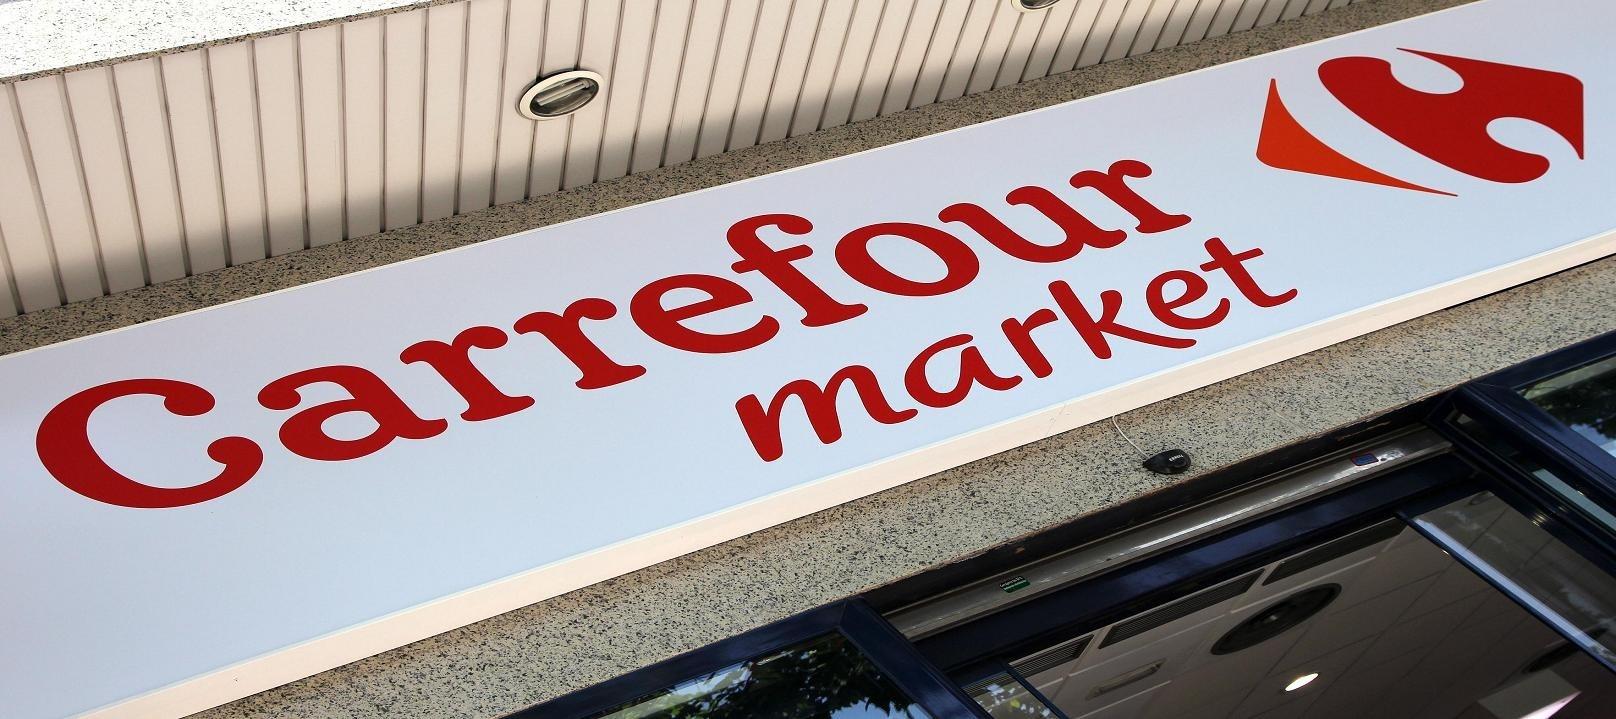 Carrefour inaugura un supermercado en Aretxabaleta (Vitoria) que generará 176 empleos directos e indirectos